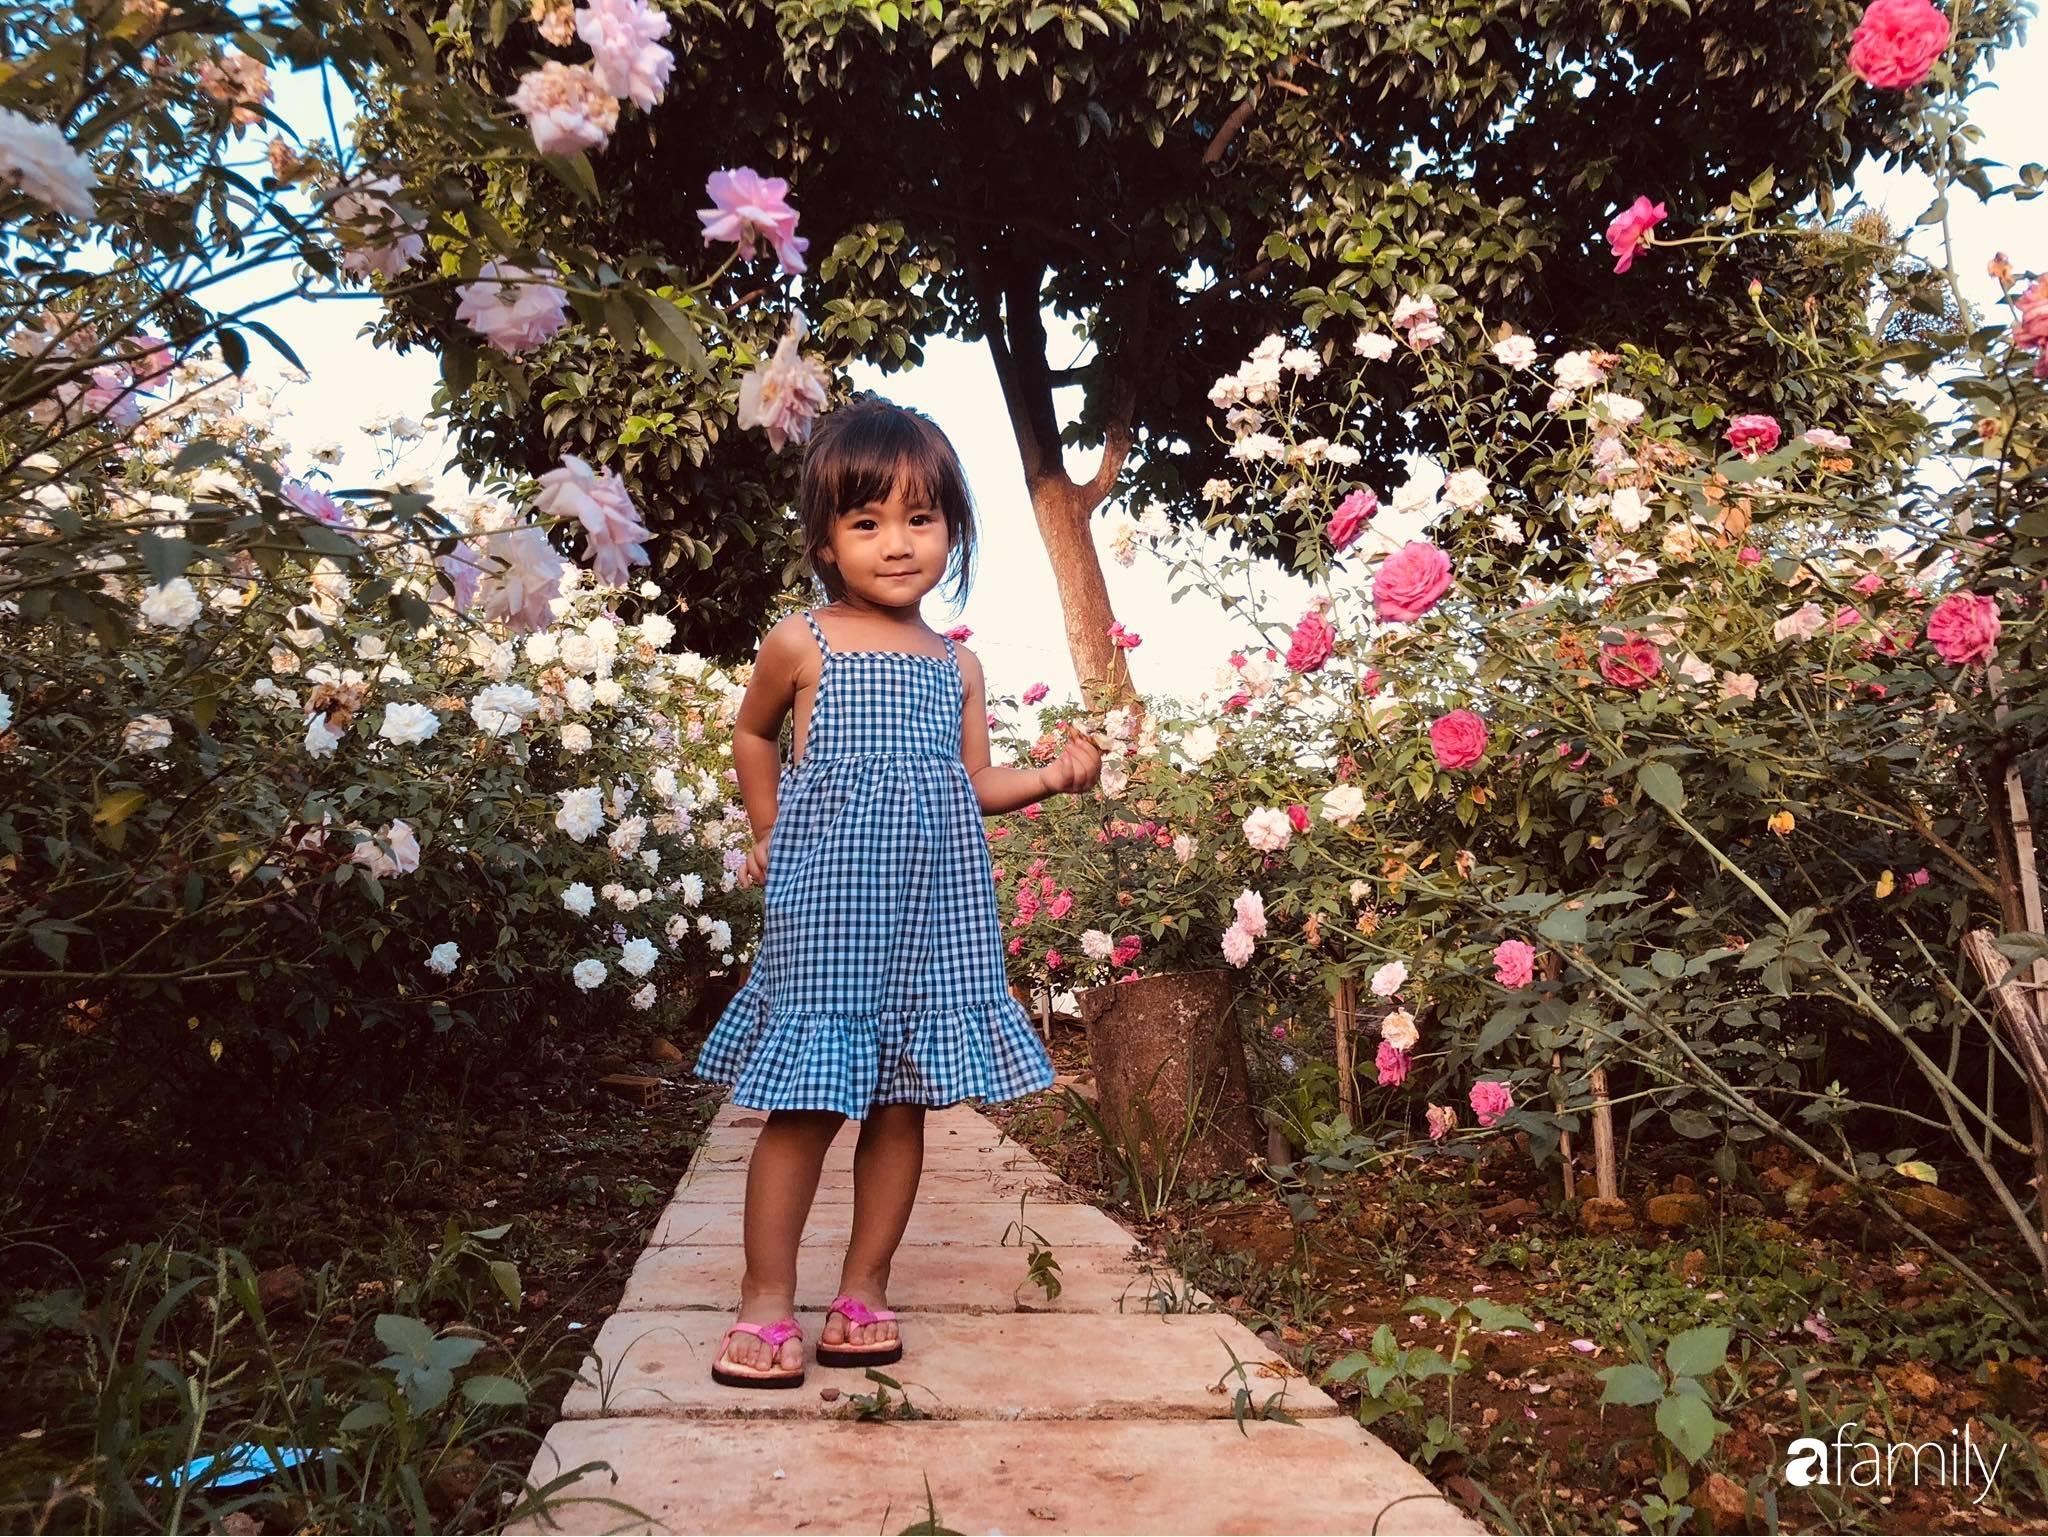 Khu vườn hoa hồng đẹp như cổ tích mà người chồng ngày đêm chăm sóc để tặng vợ con ở Vũng Tàu-14